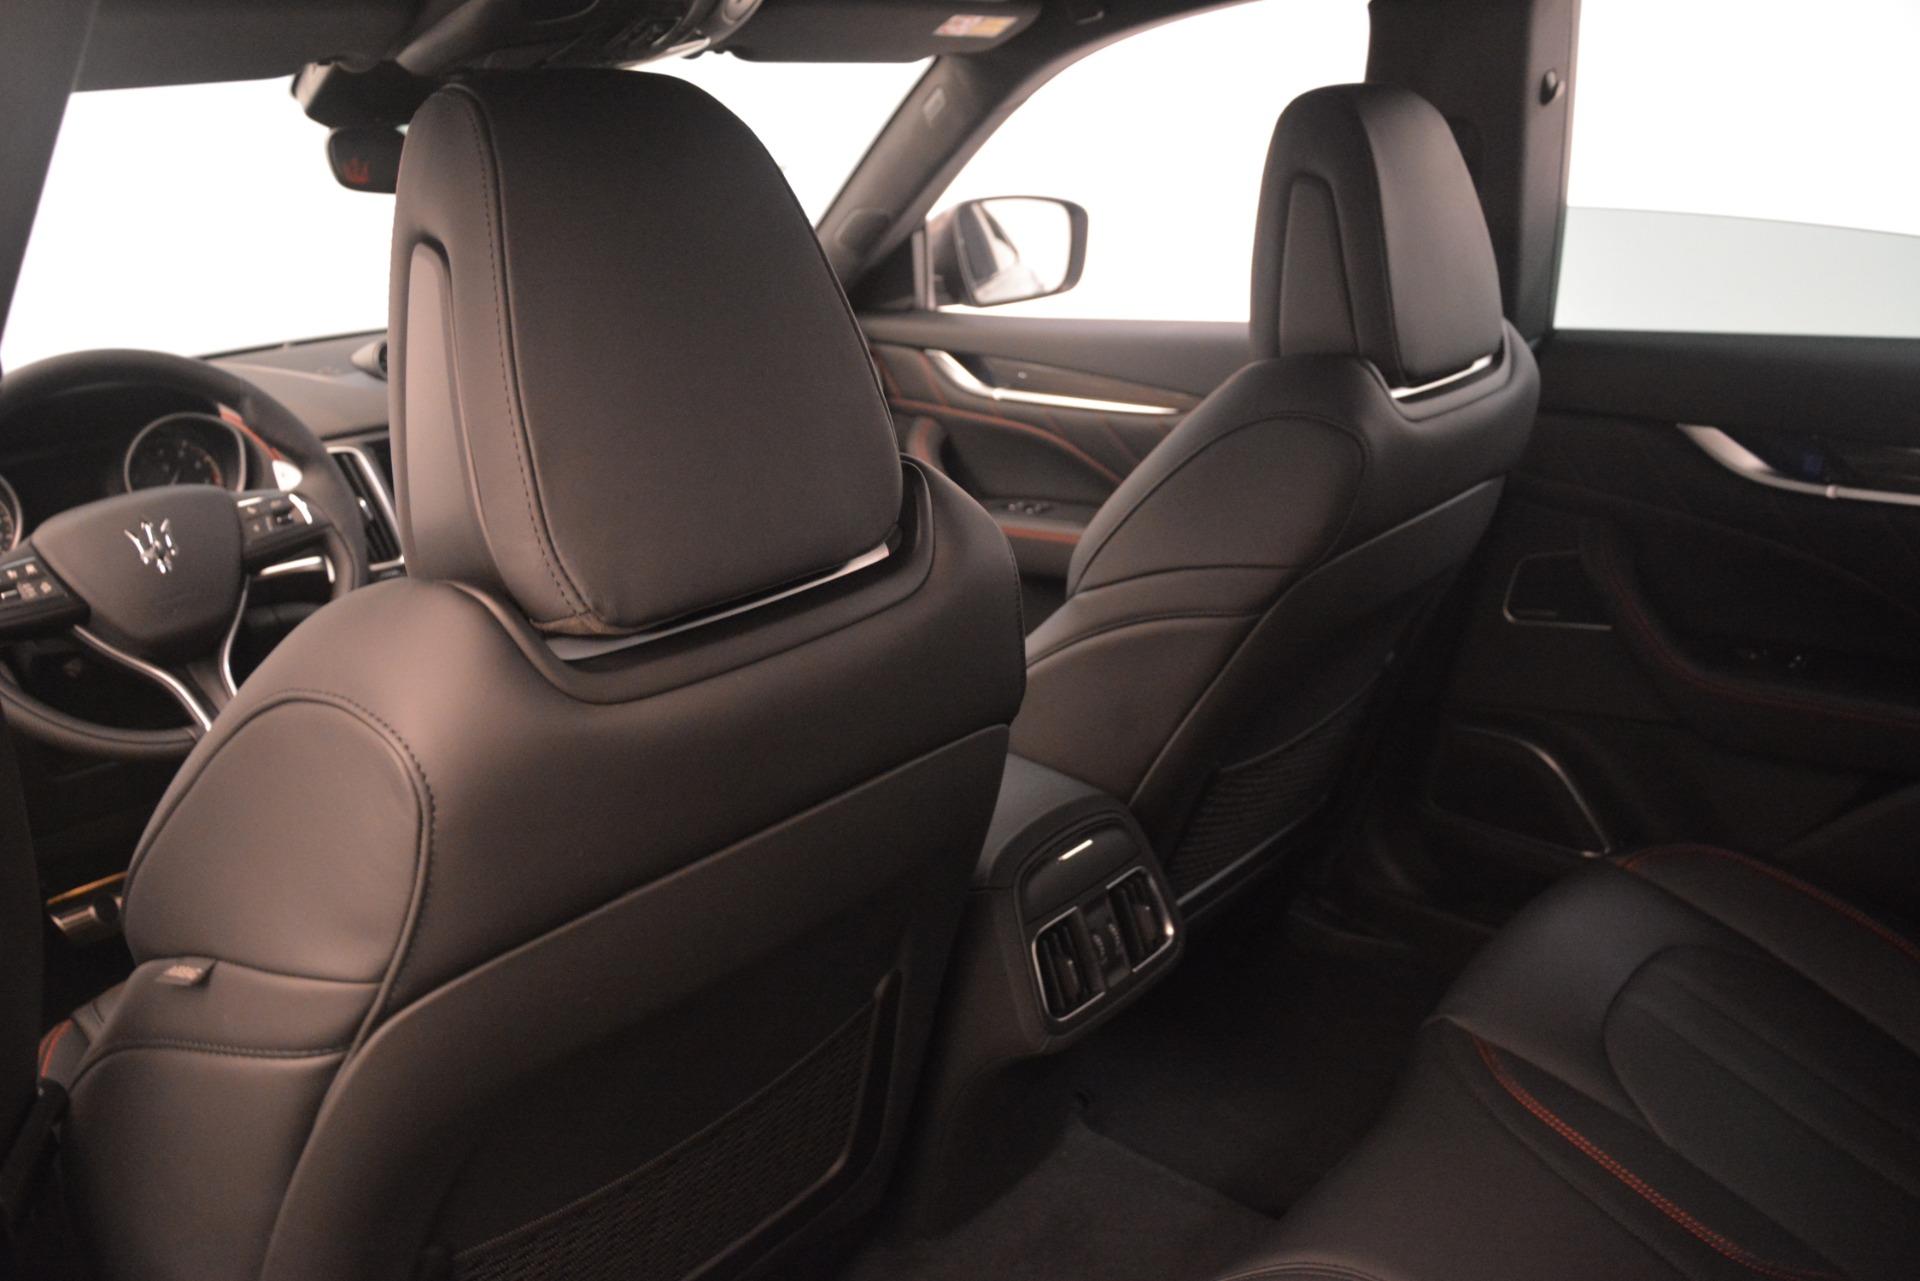 New 2019 Maserati Levante SQ4 GranSport Nerissimo For Sale In Greenwich, CT 3144_p18